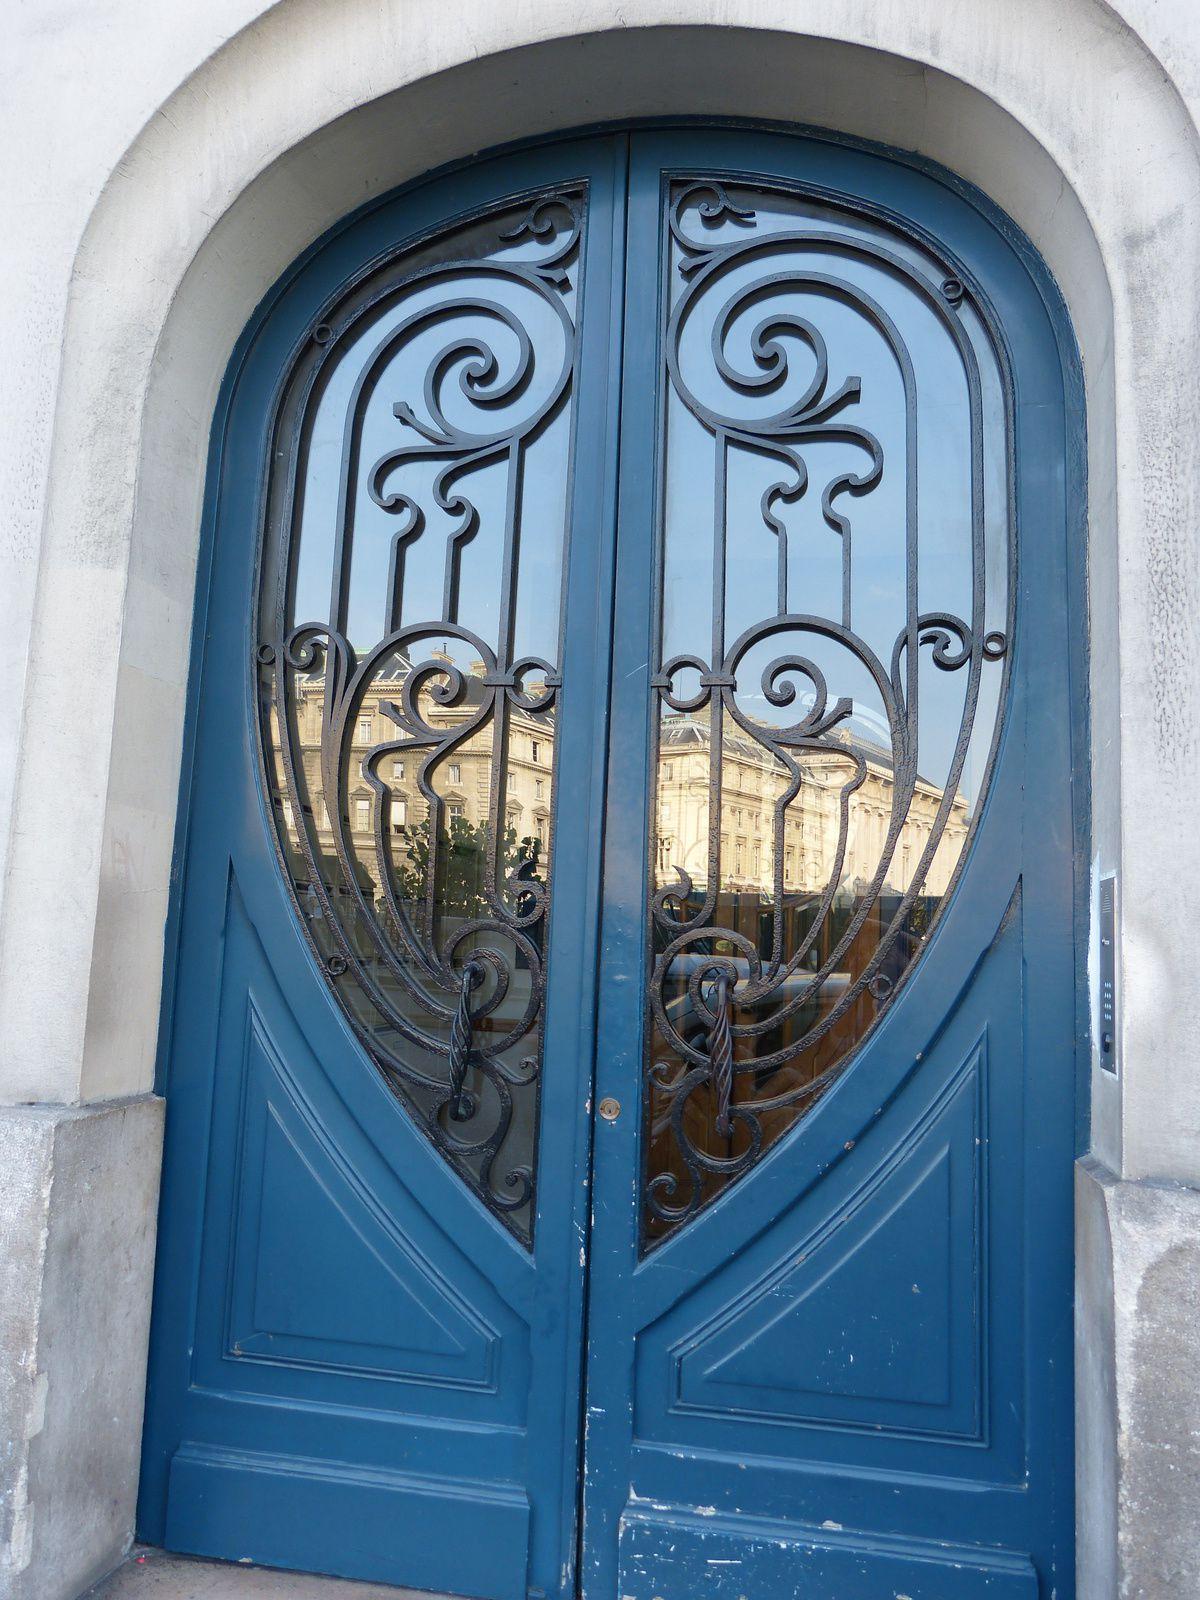 remerciements aux employés de ce haut lieu des nuits parisiennes de m'avoir laissé entrer..........